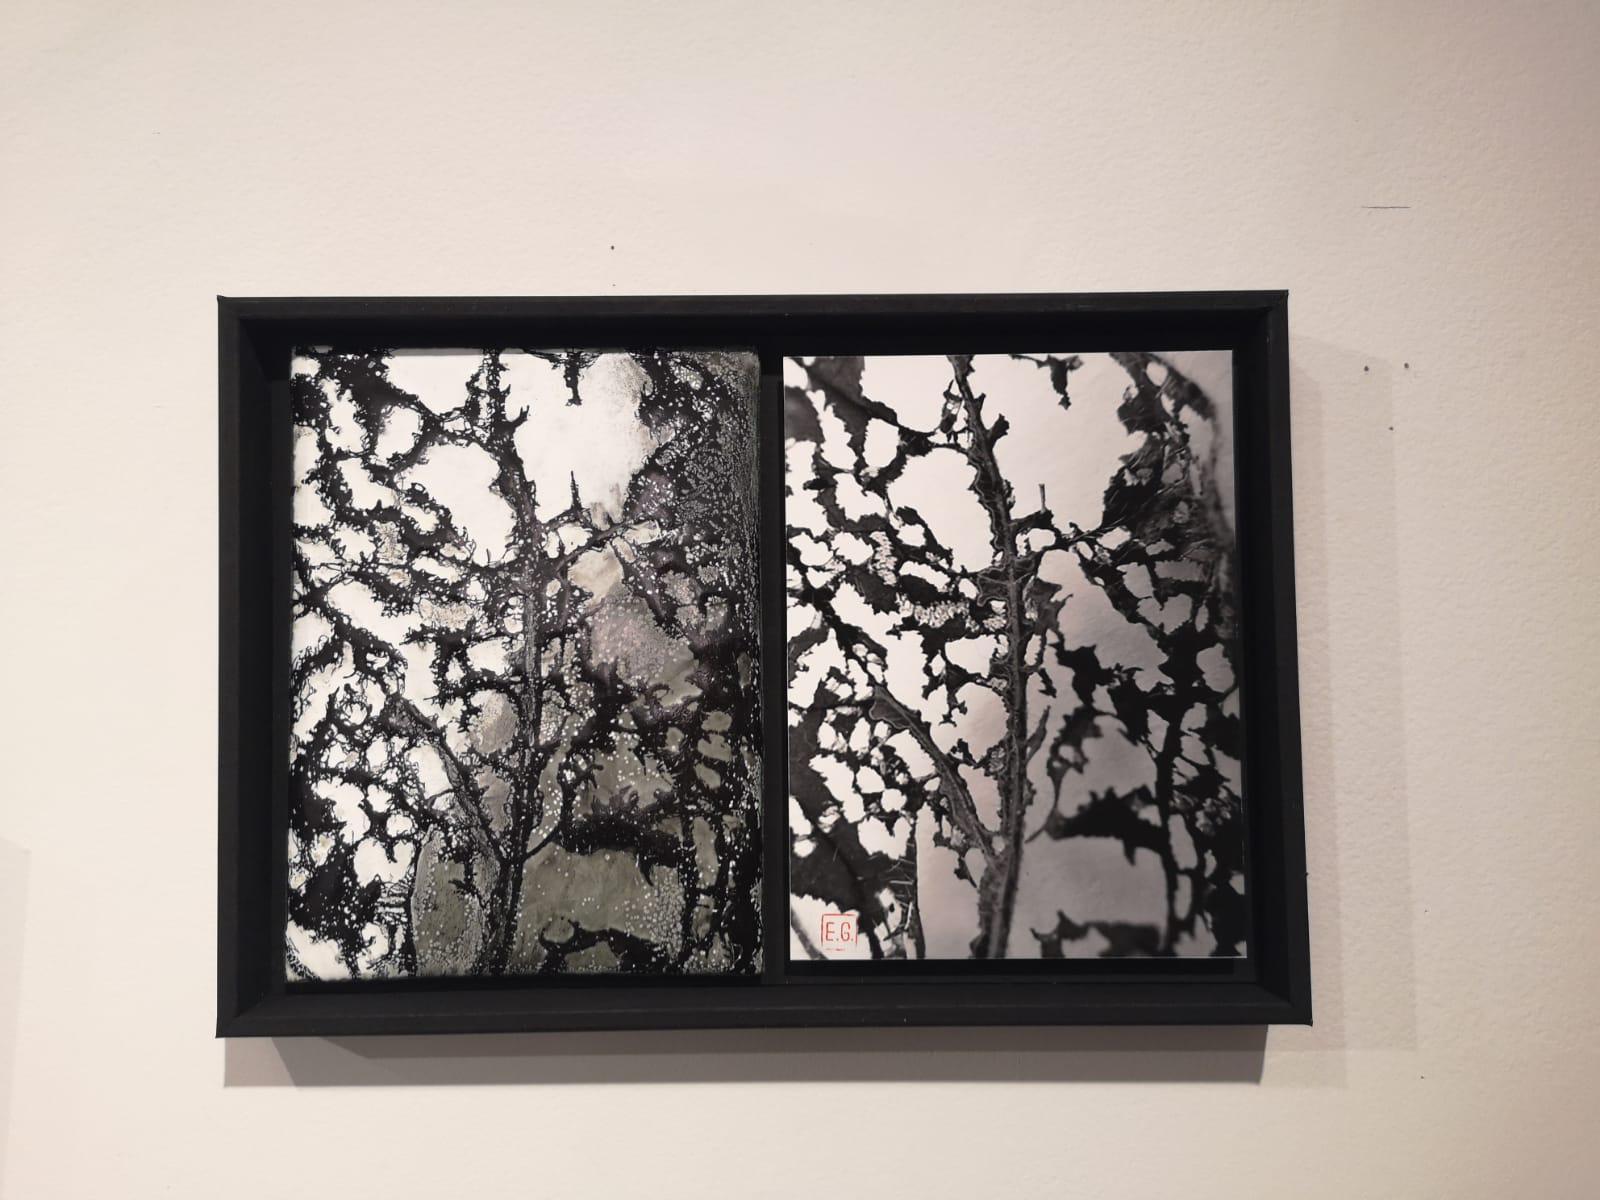 tableau en noir et blanc représentant la feuille déchiquetée avec la version émaillée à gauche- exposition dialogue - exposition Dialogue et la photo à droite